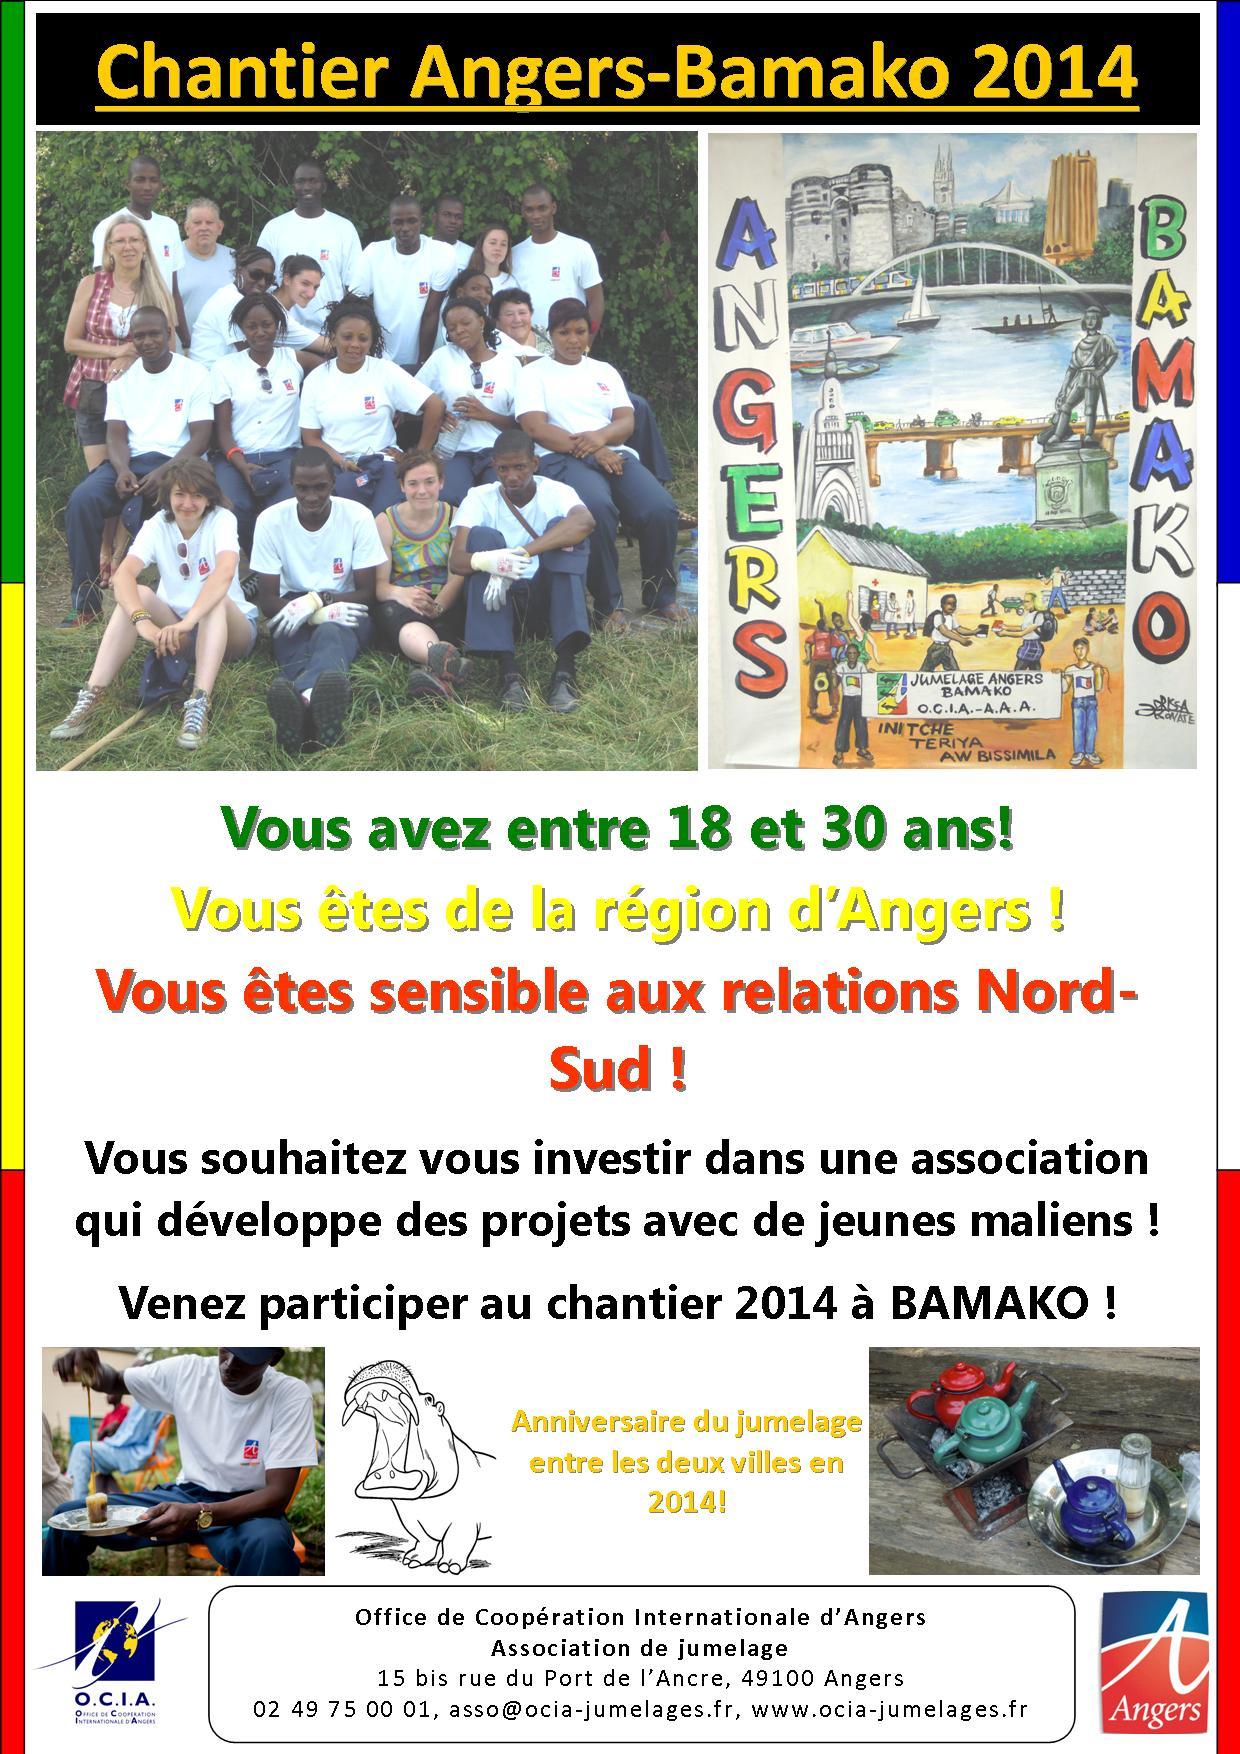 OCIA, Chantier de coopération Angers - Bamako